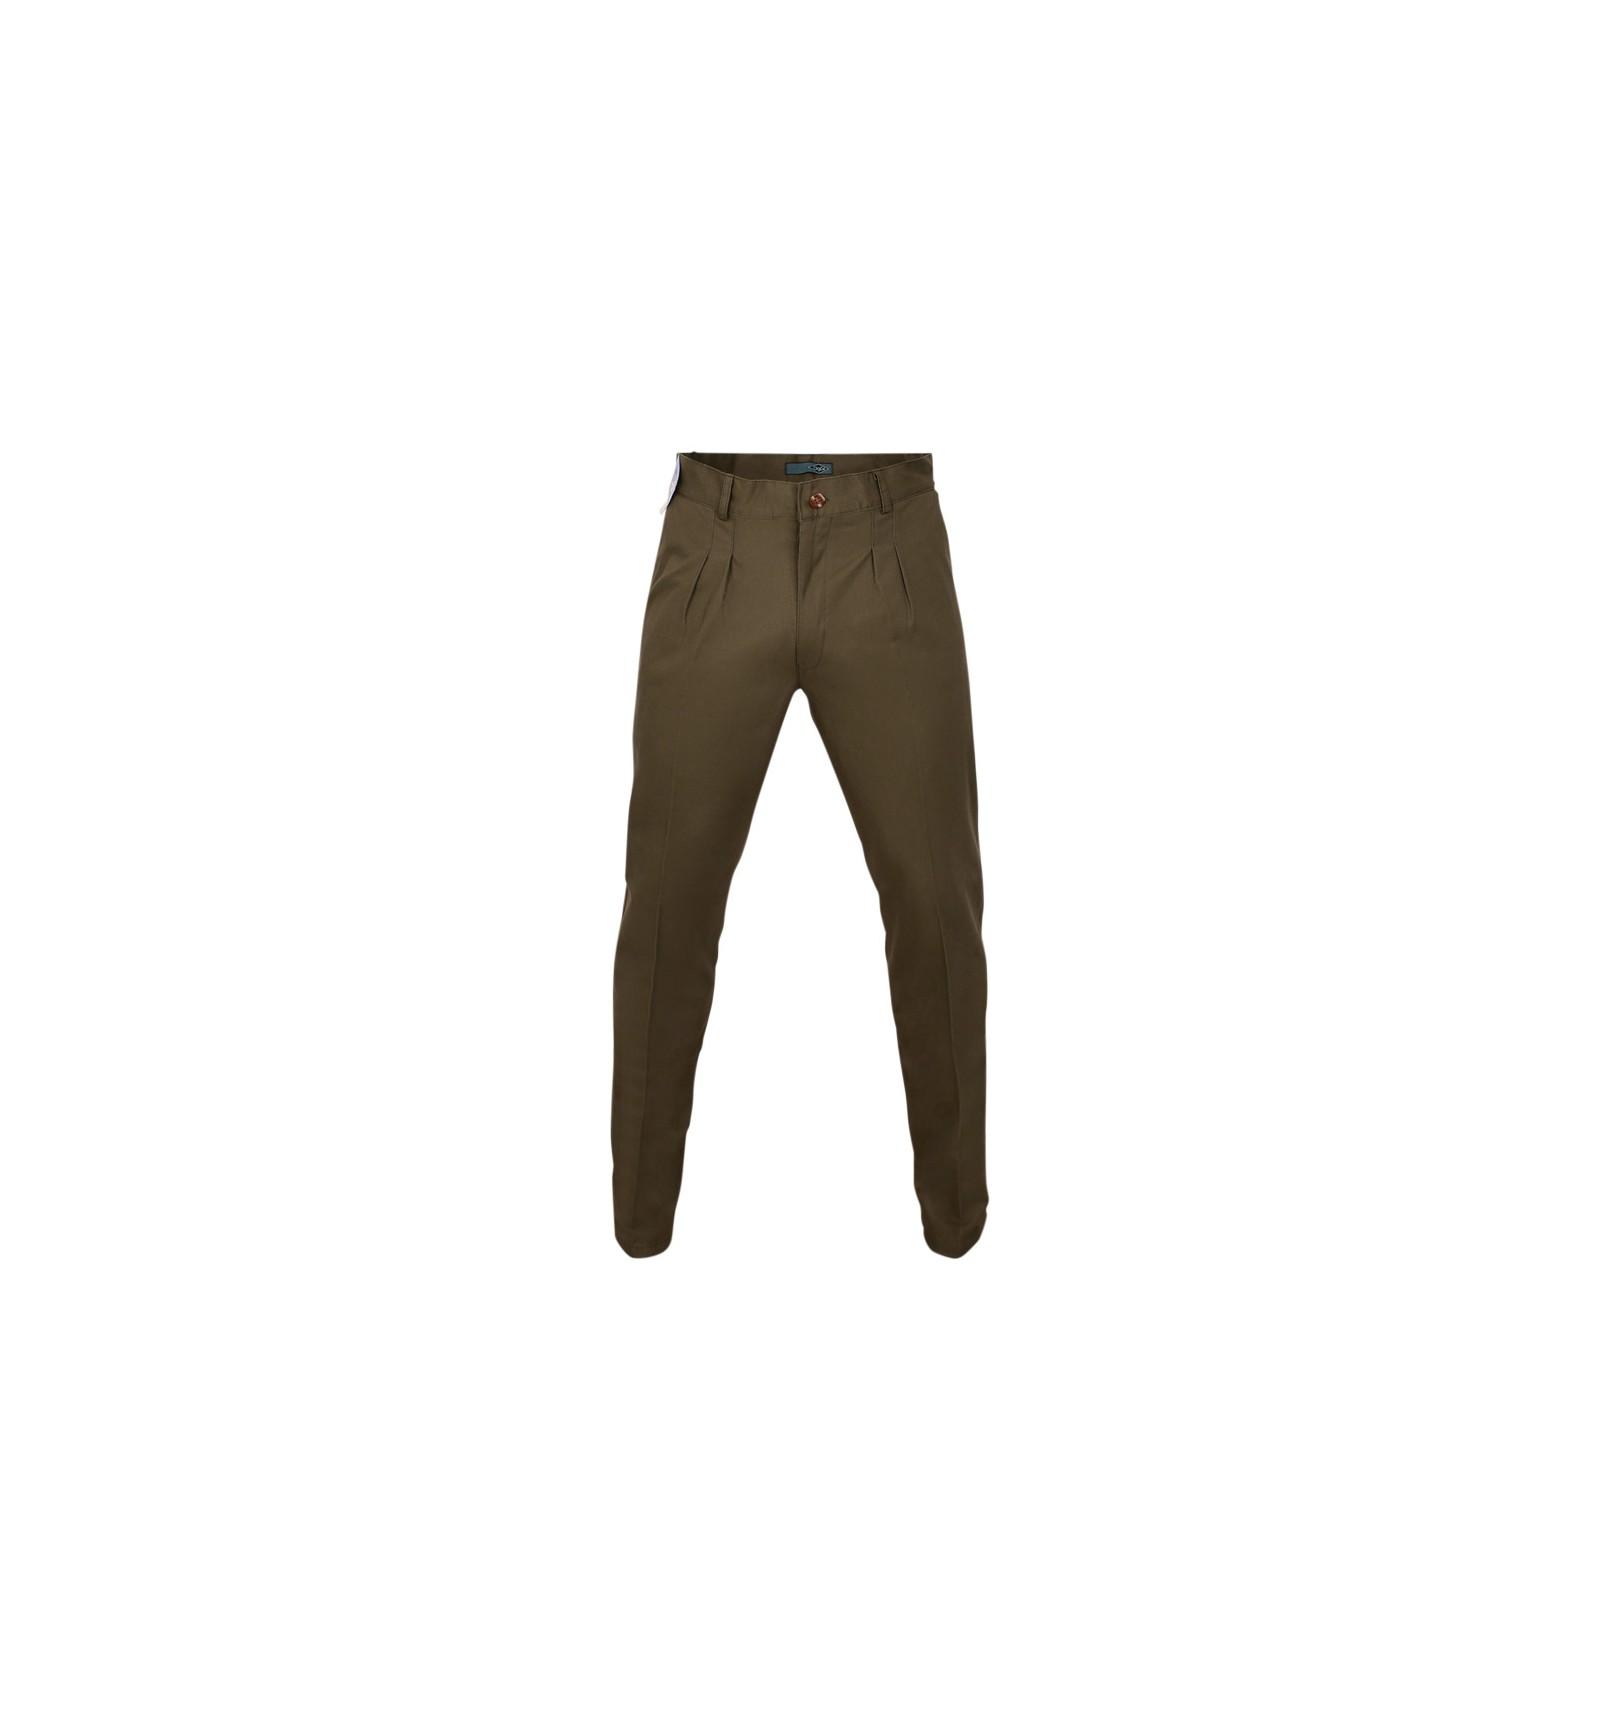 504c5bc832d31 Pantalón de gabardina corte clásico - Venta de ropa al por mayor ...